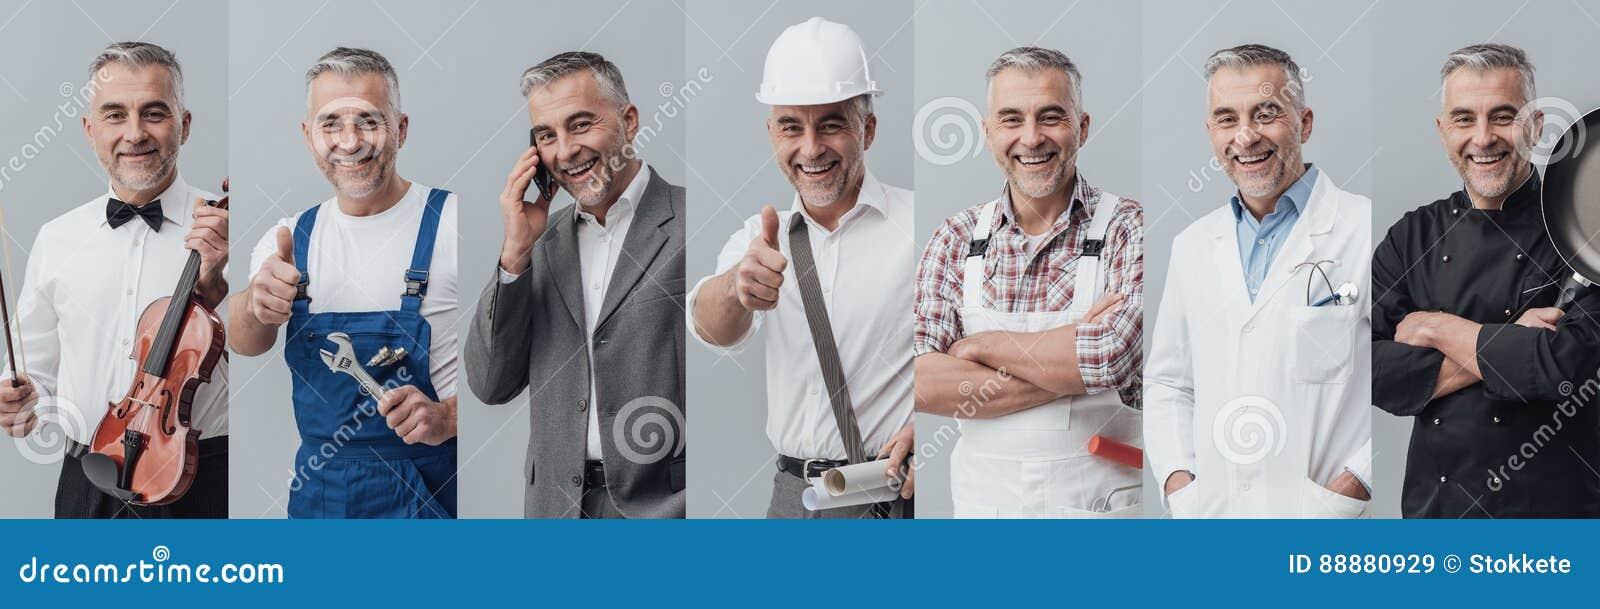 Collage professionnel de travailleurs